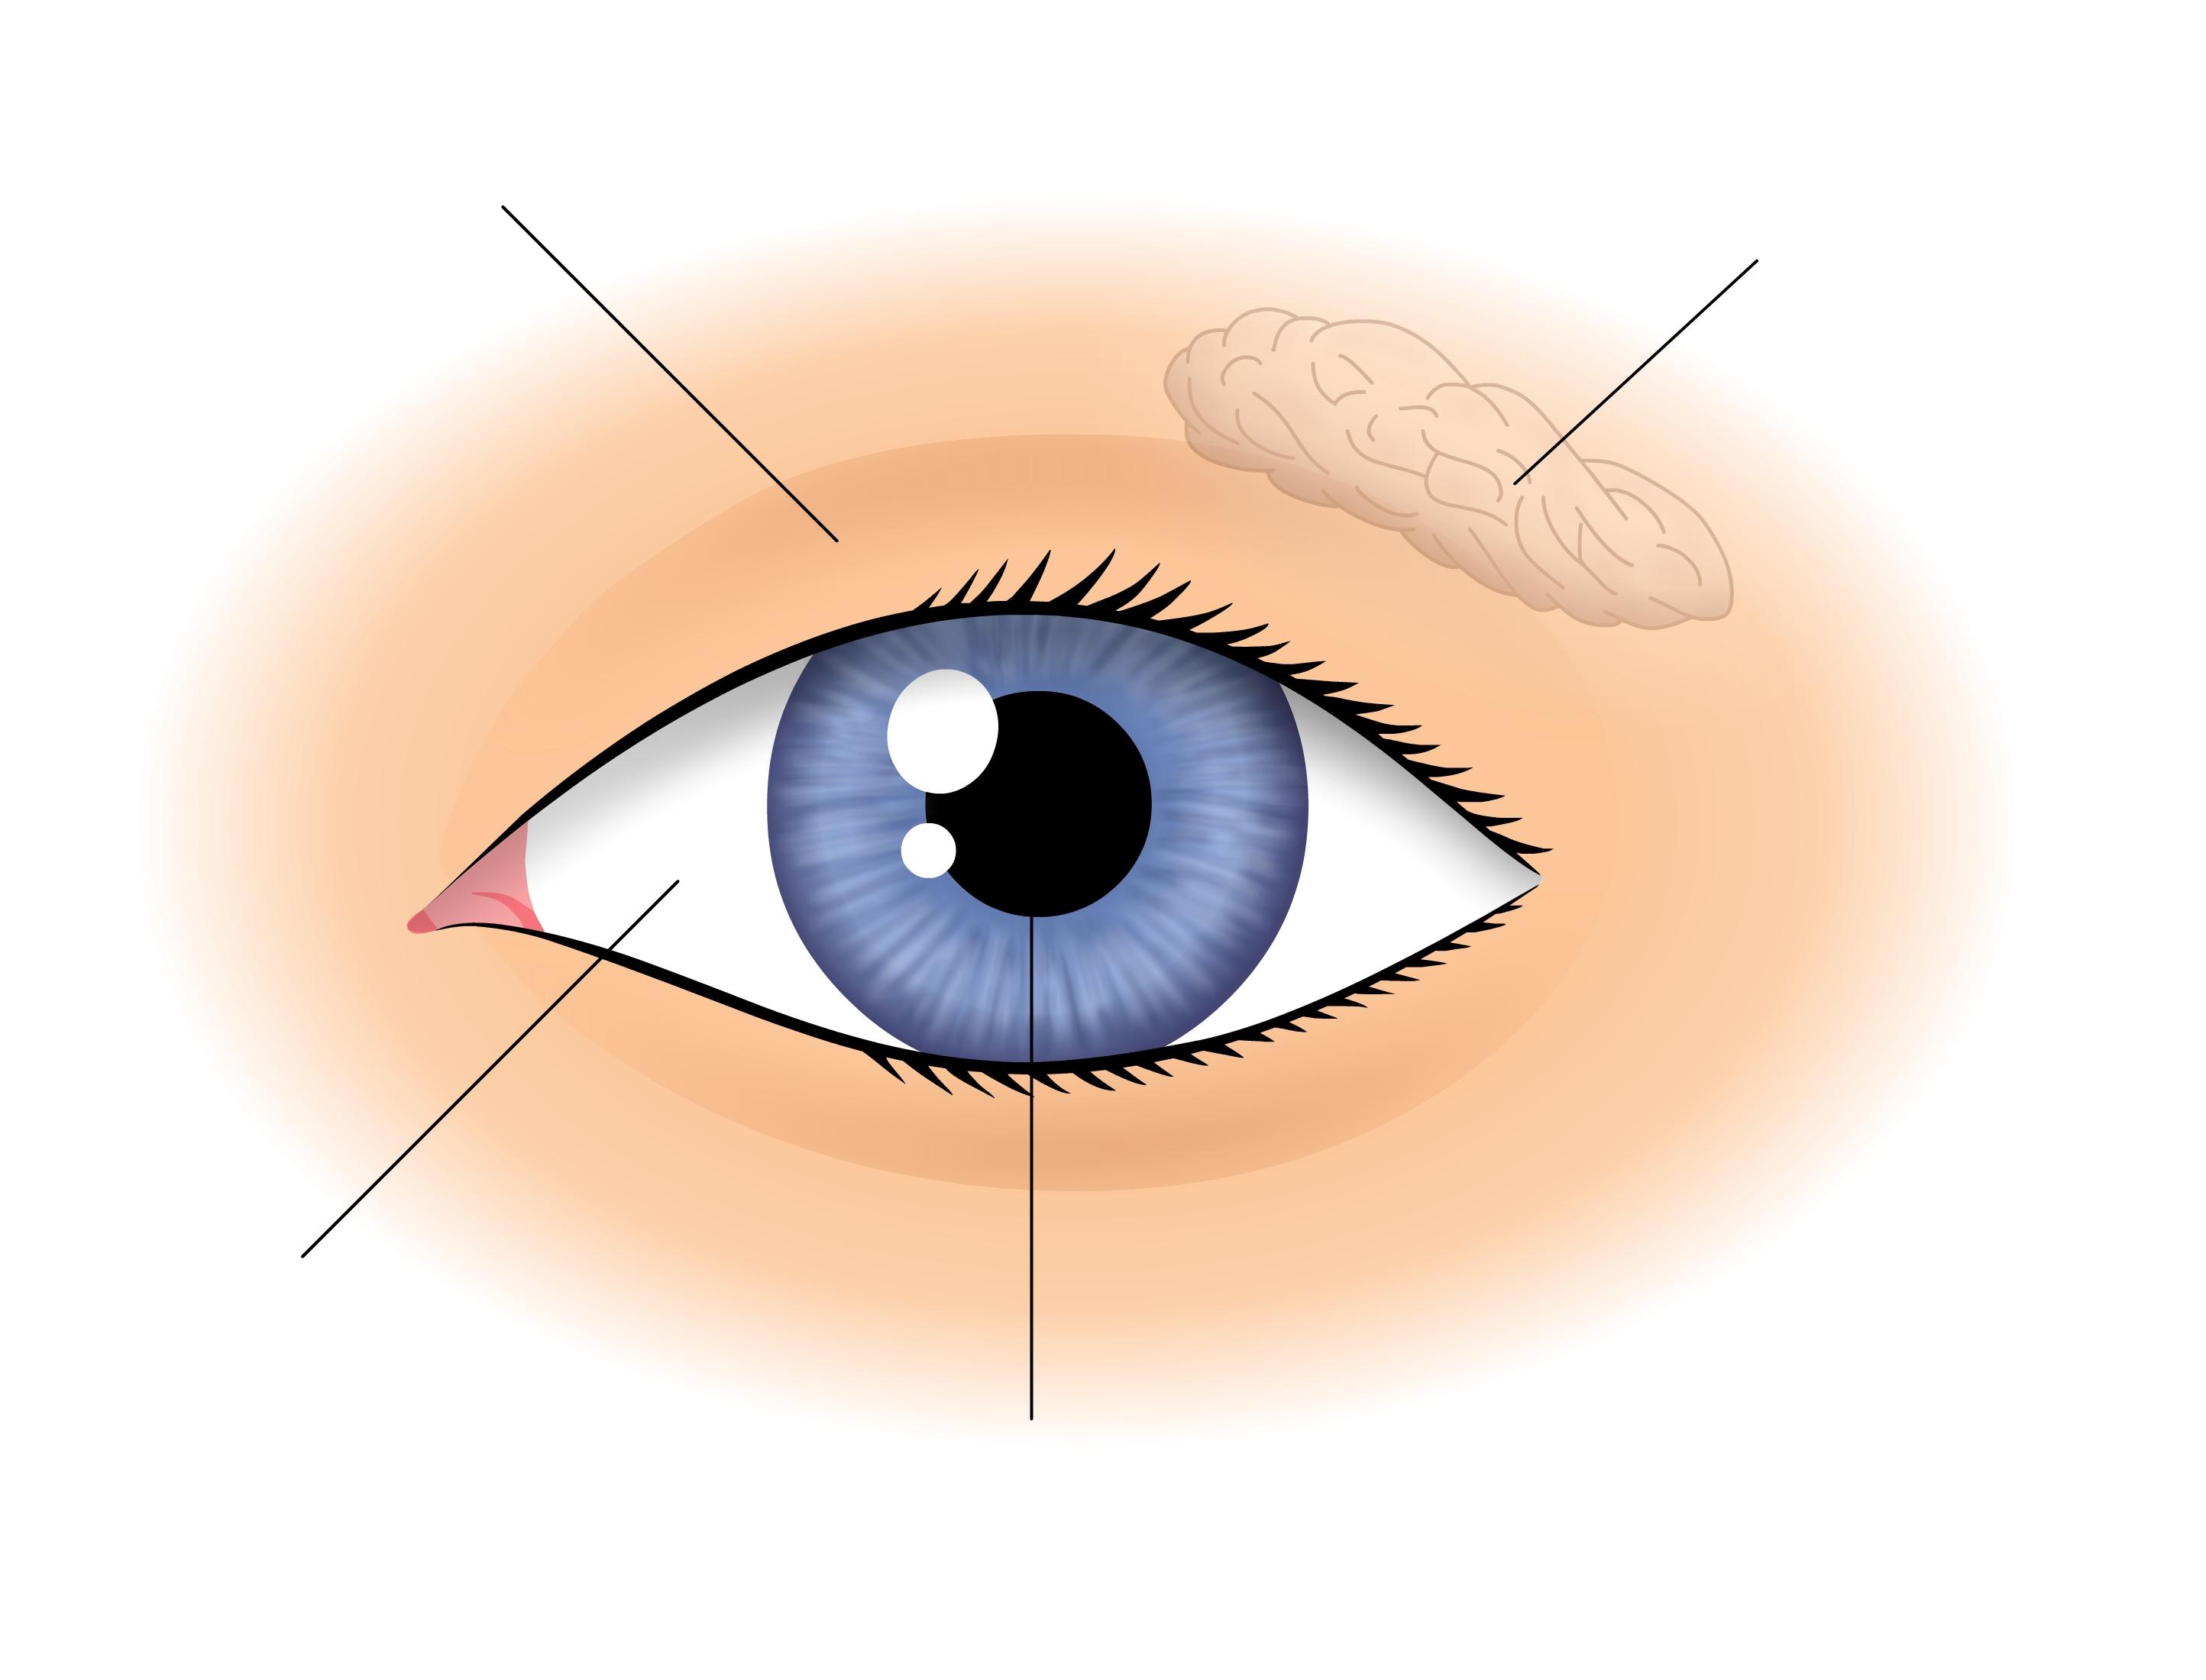 Az érzékelés befolyásolja-e a látást a Véda rövidlátása